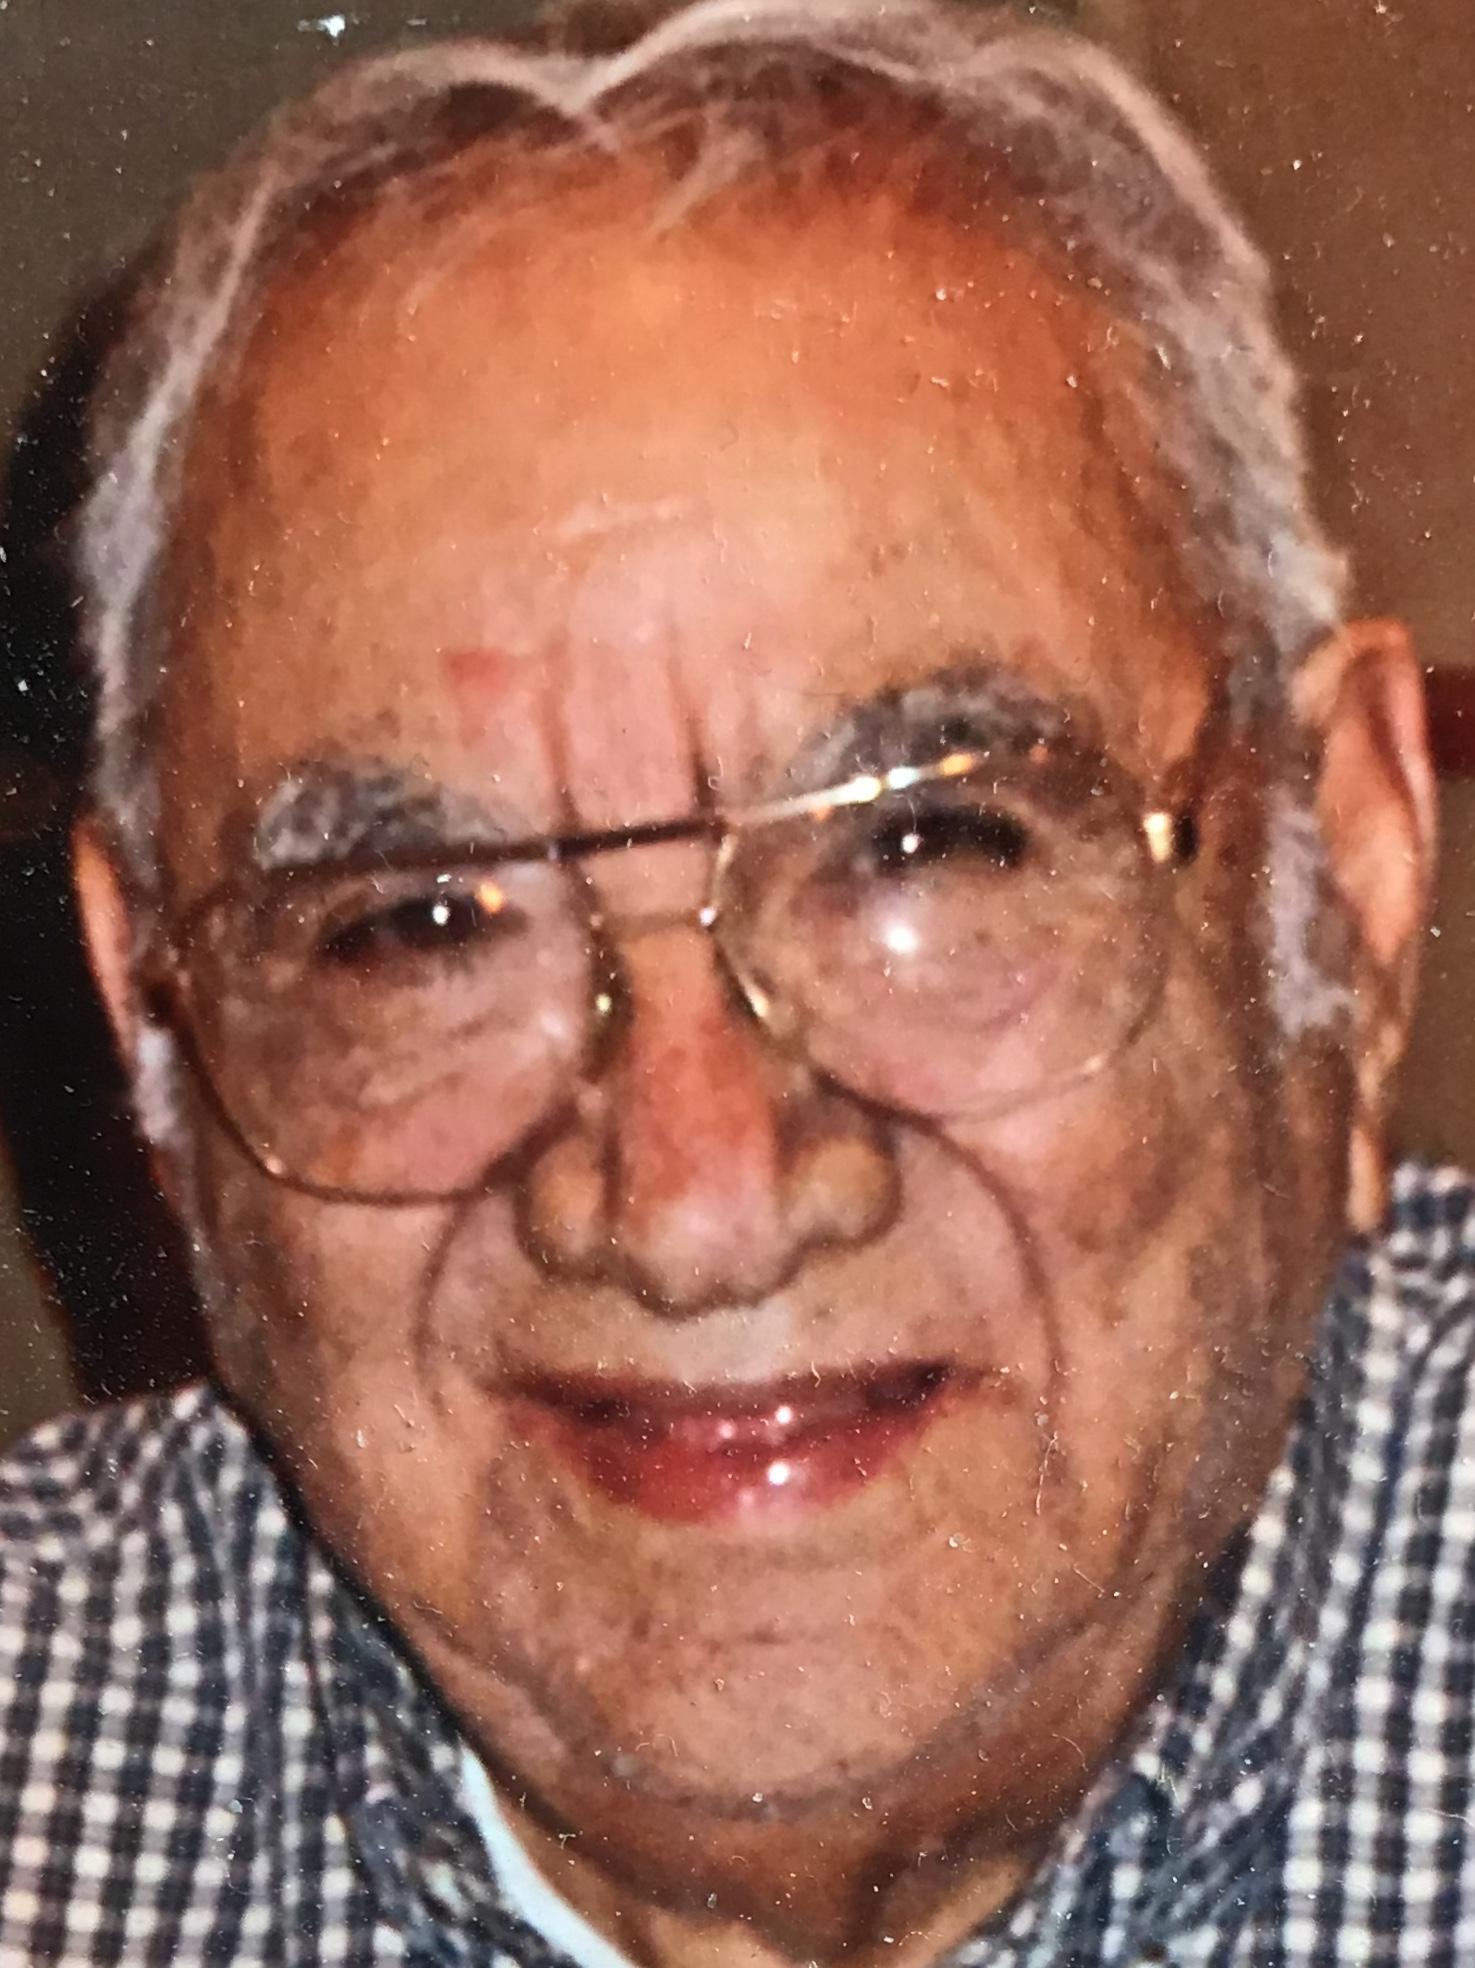 Joseph Conrad Huerta, age 90, of Cozad, Nebraska